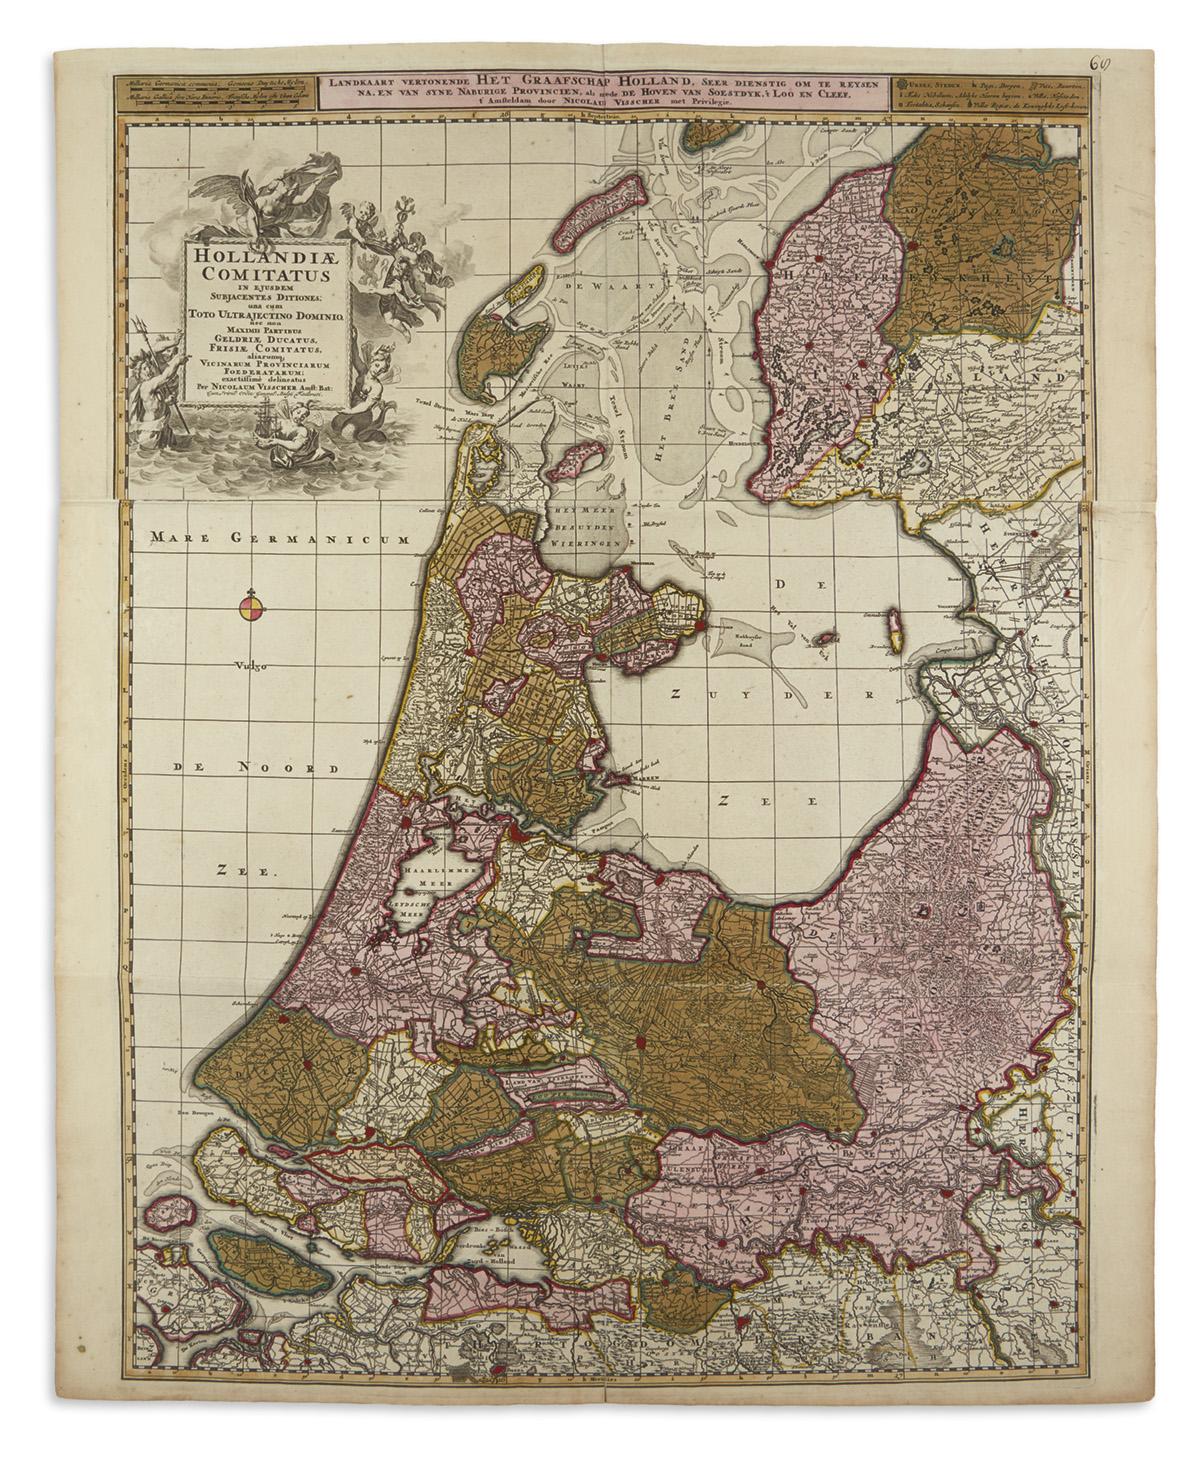 VISSCHER-NICOLAS-Hollandiae-Comitatus-in-Ejusdem-Subjacentes